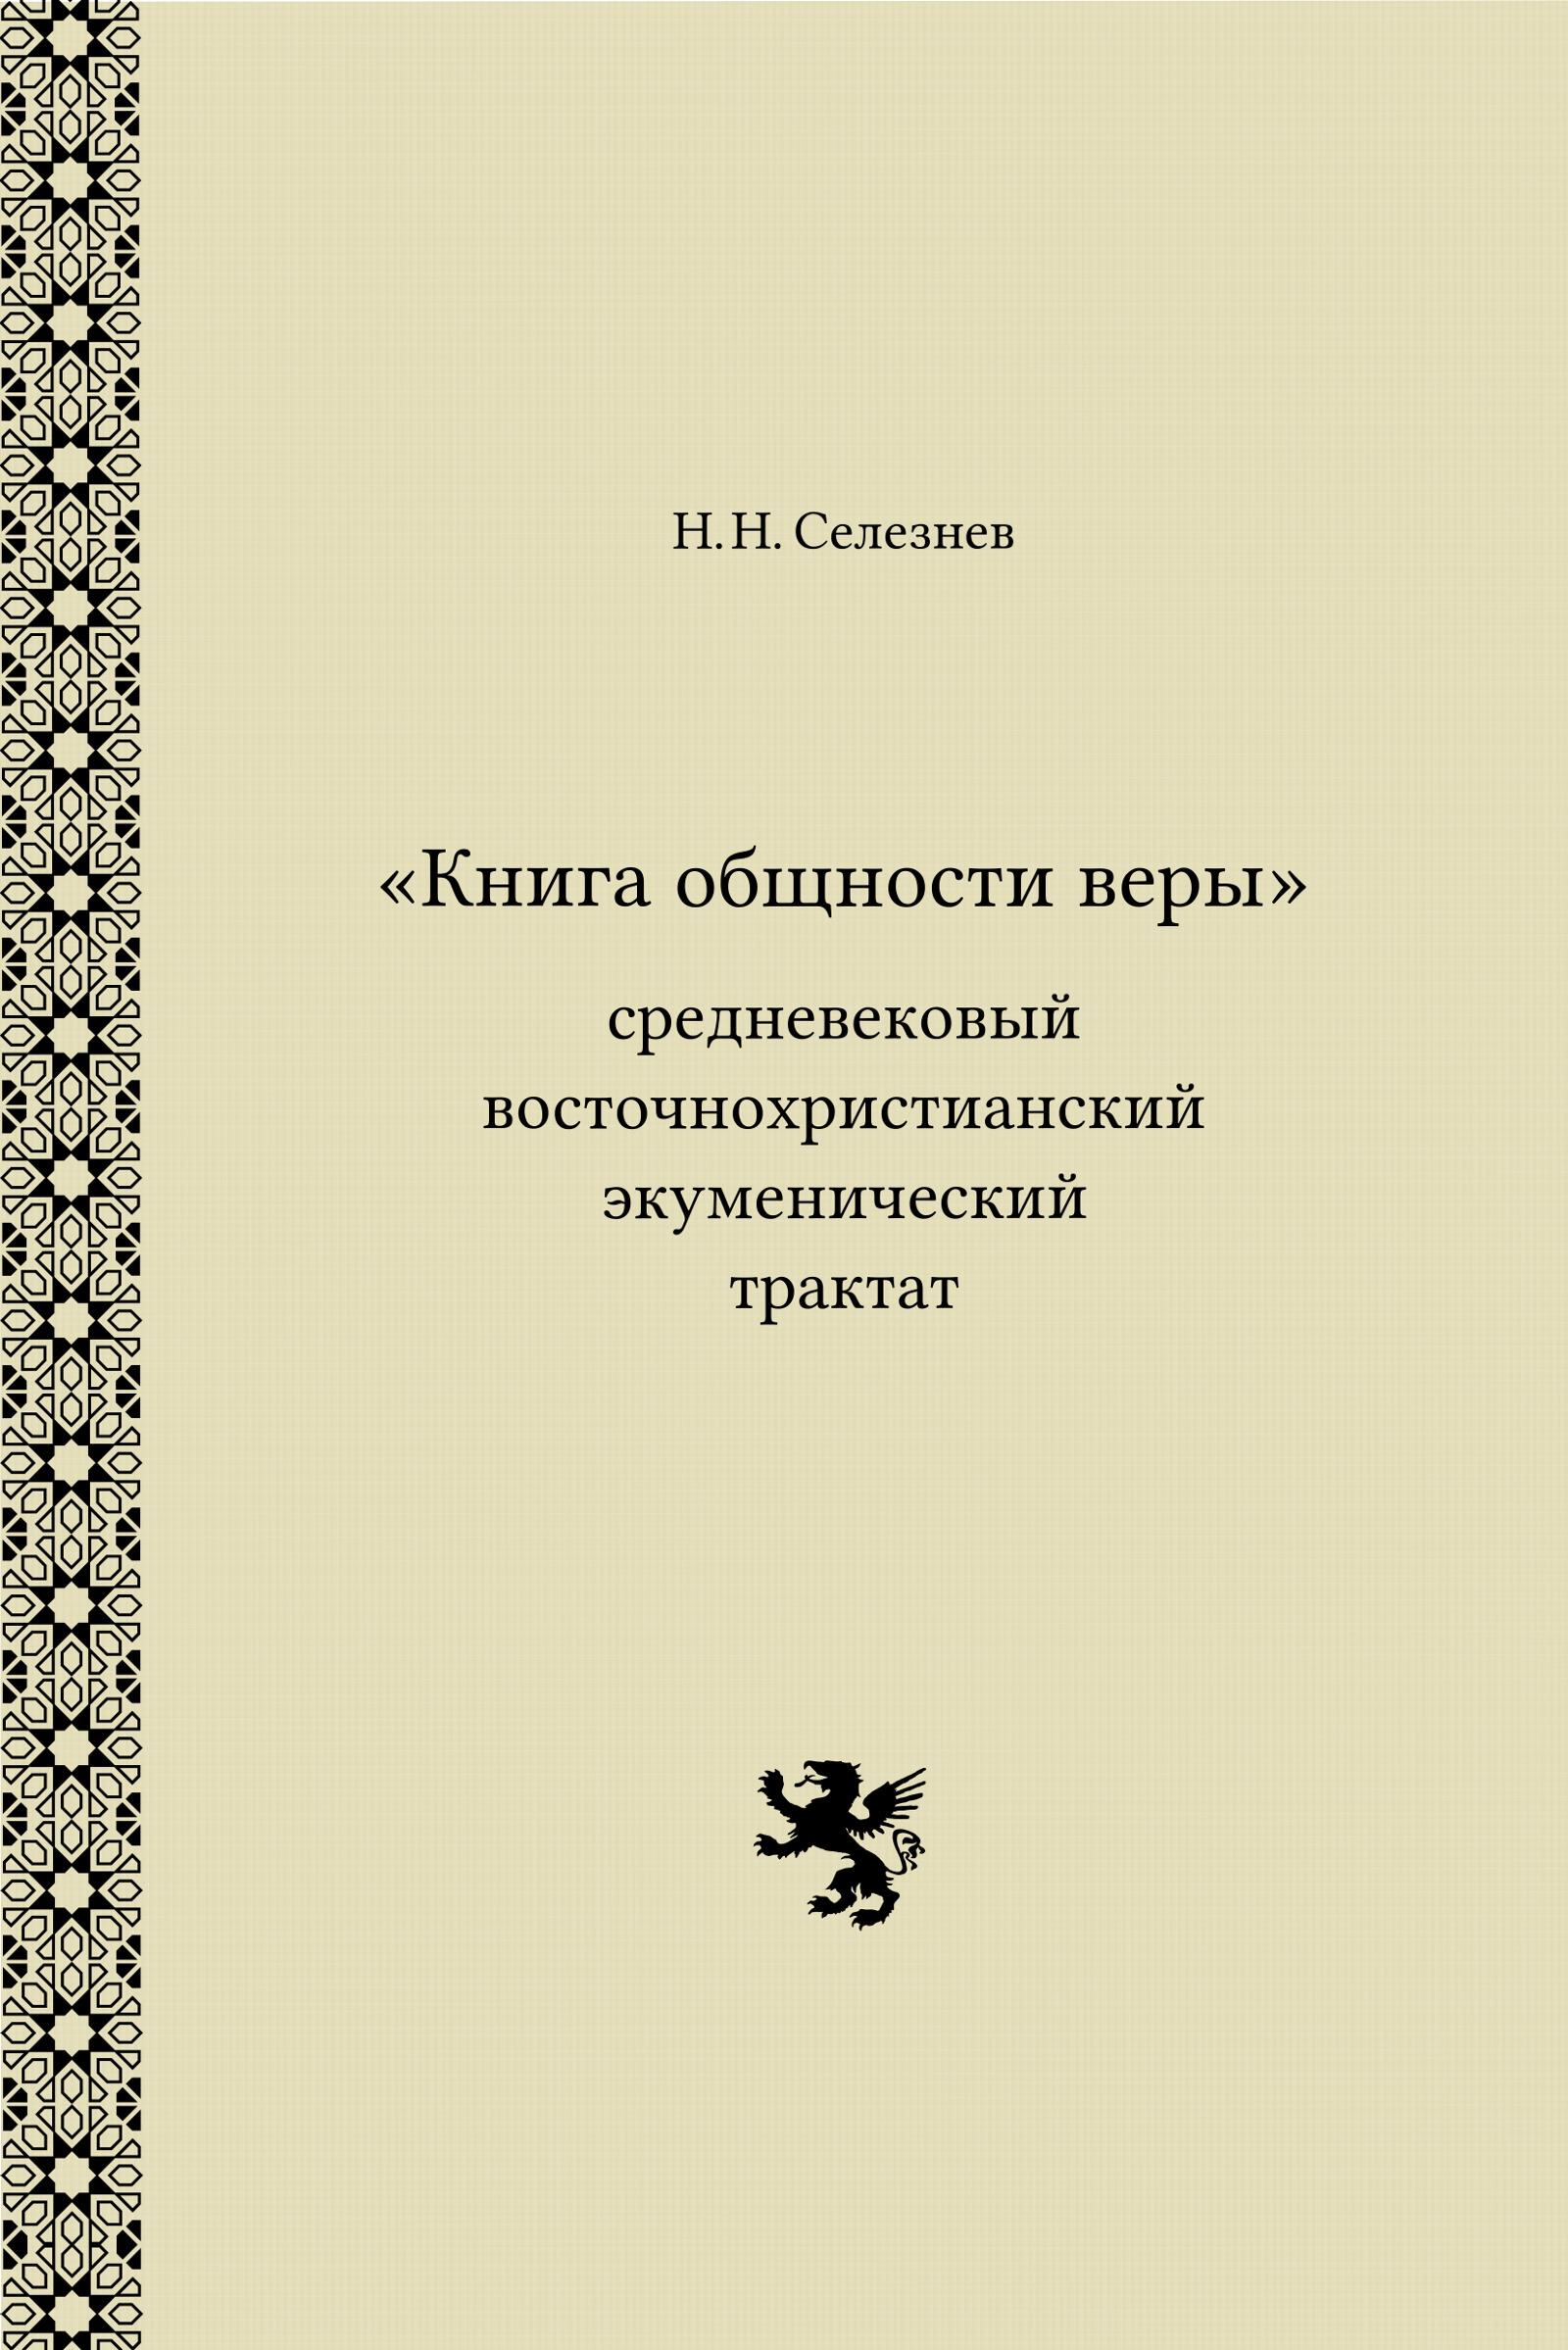 «Книга общности веры» – средневековый восточнохристианский экуменический трактат